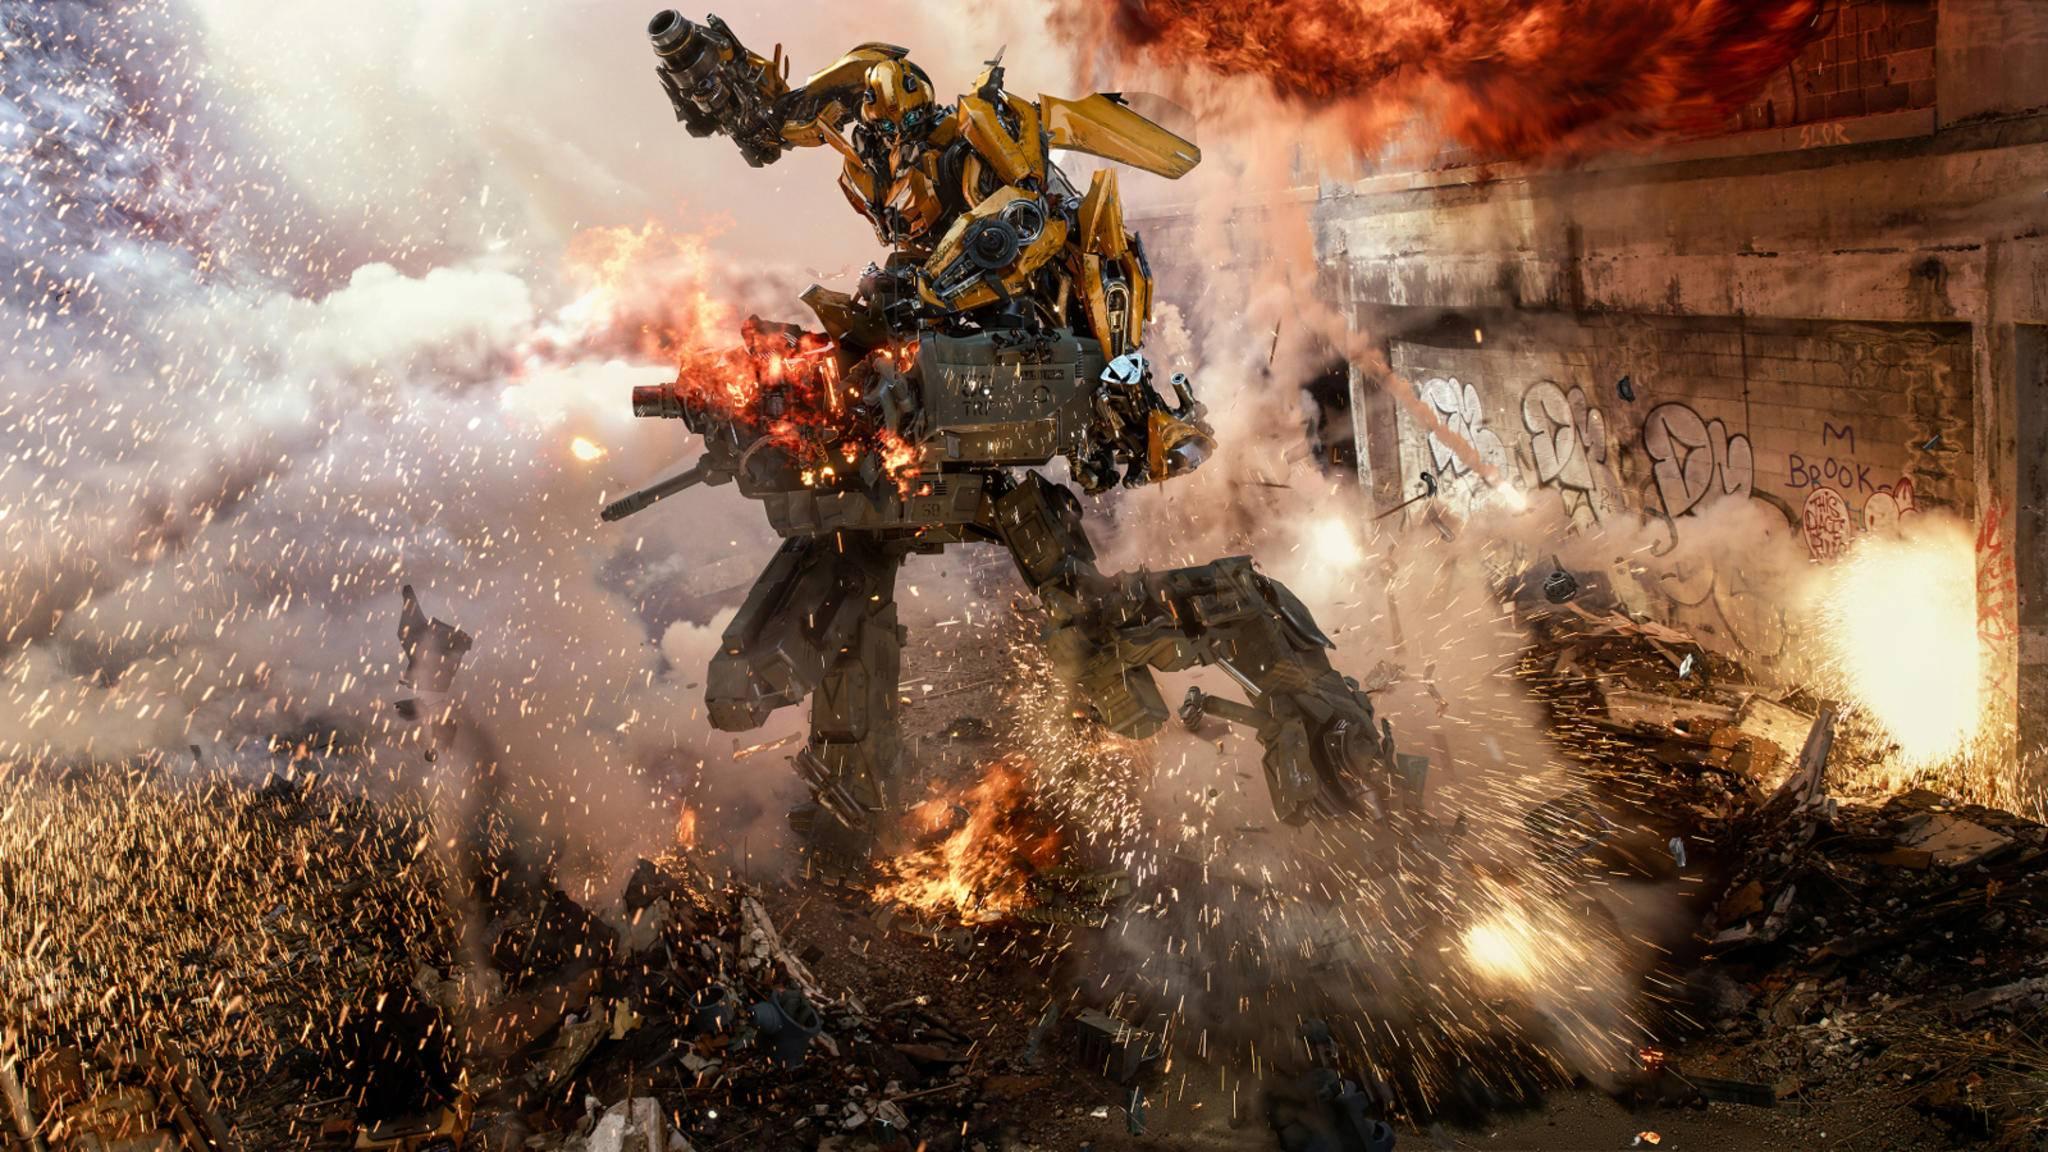 """Wenn es am Set ordentlich scheppert, hat mit hoher Wahrscheinlichkeit """"Transformers""""-Regisseur Michael Bay seine Finger im Spiel. Wir würdigen seine legendäre Sprengkraft mit einer explosiven Liste!"""